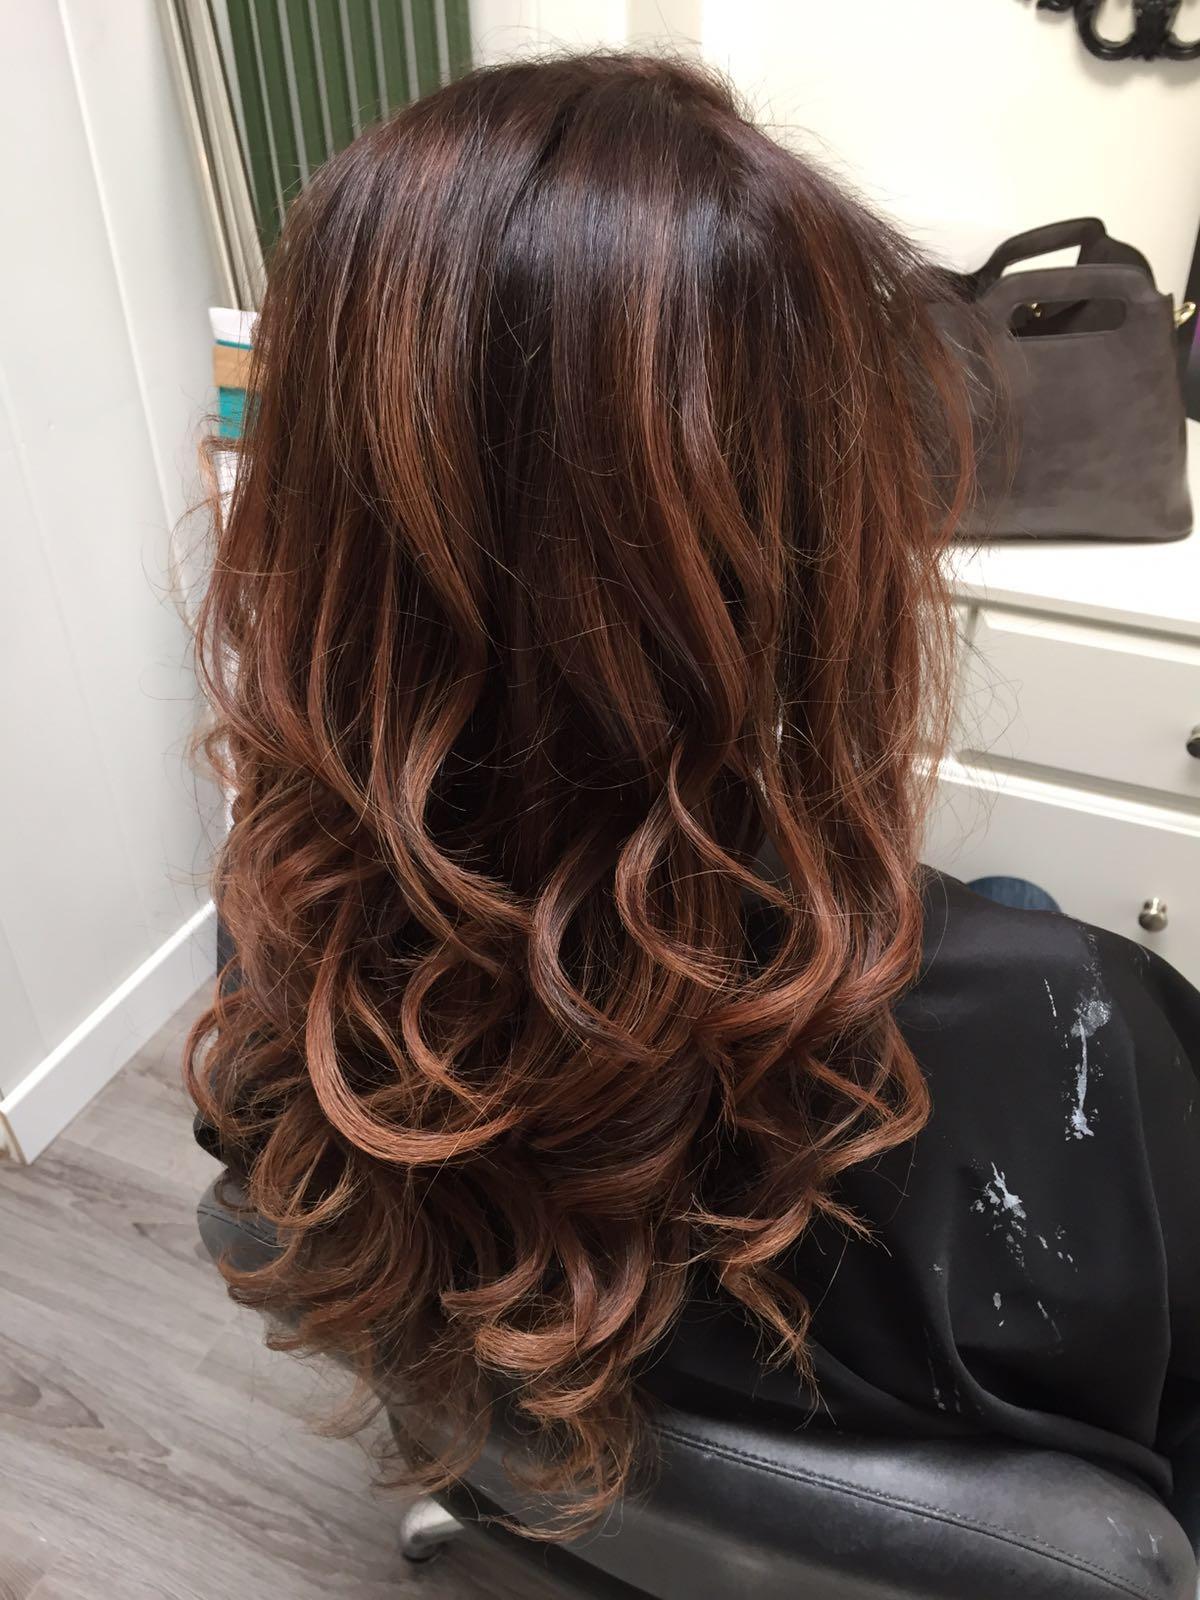 Ombr hair cuivr caramel - Ombre hair caramel miel ...